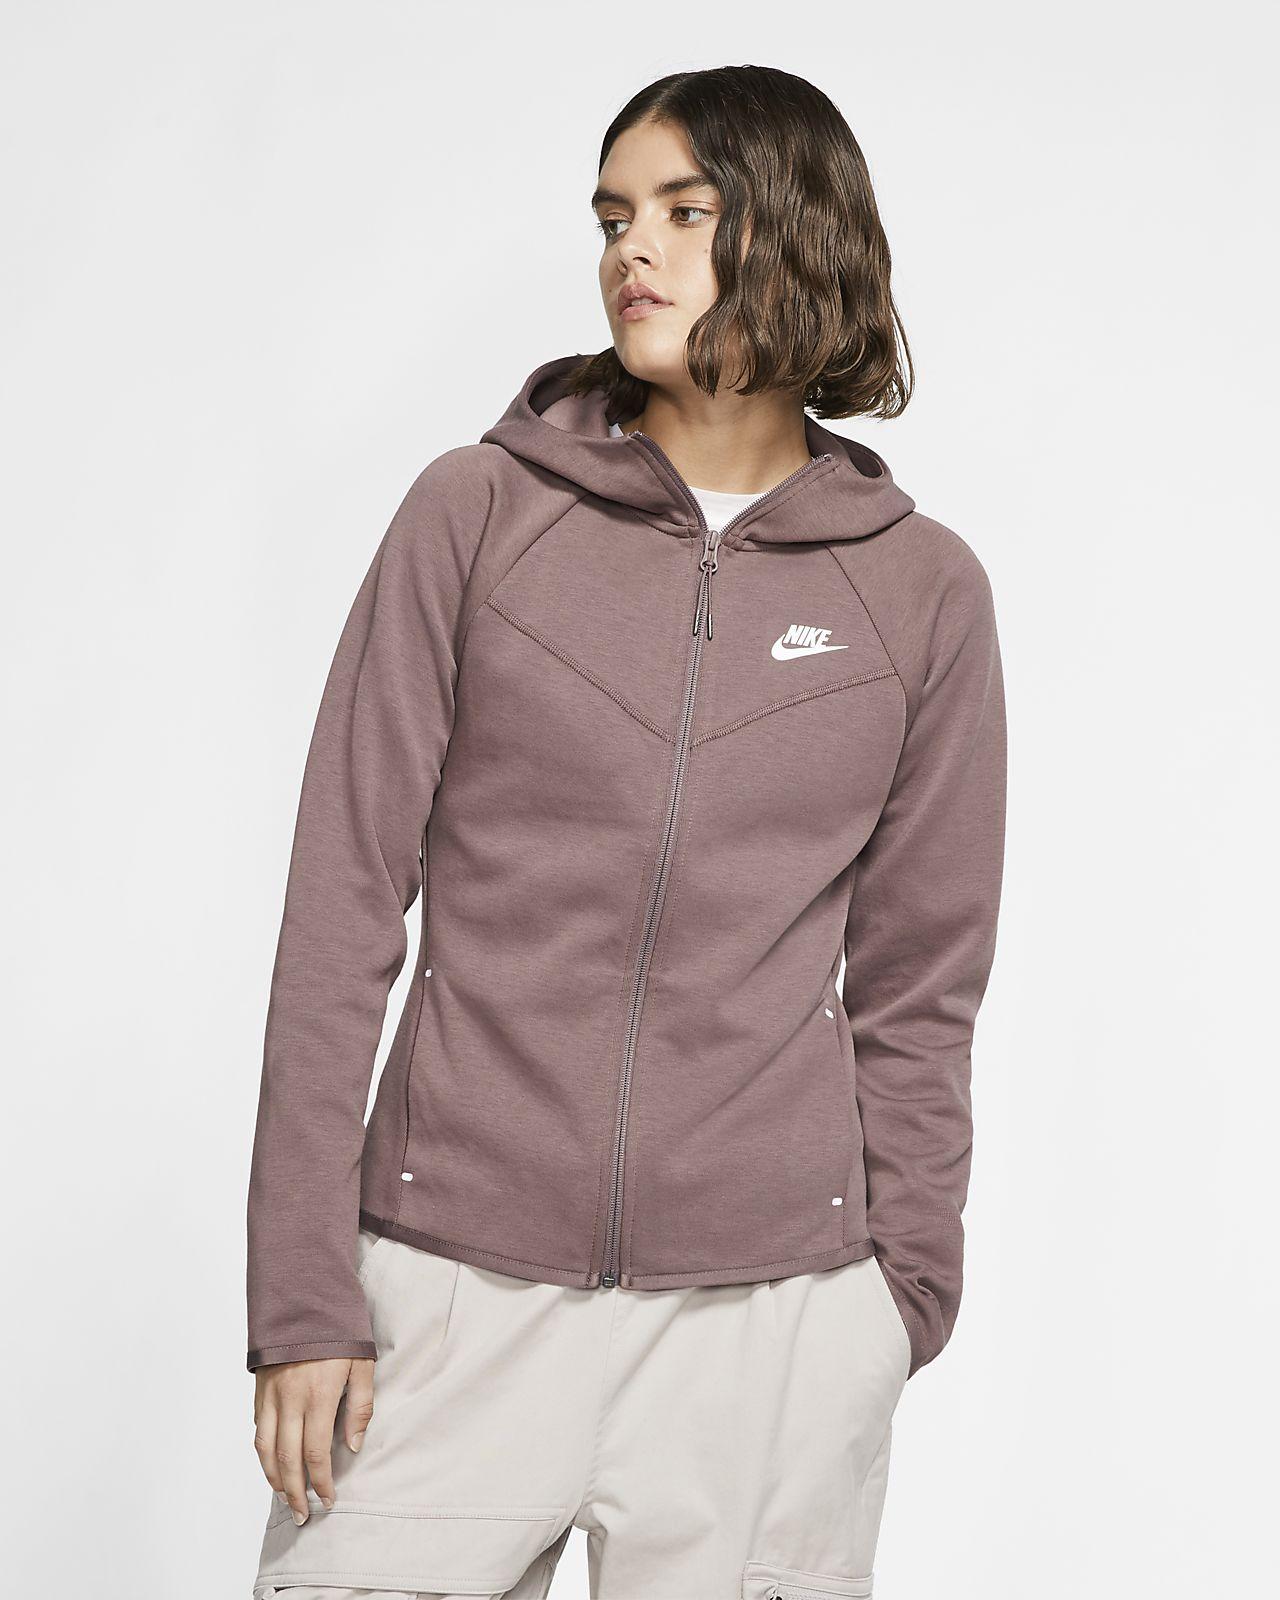 Nike Sportswear Windrunner Tech Fleece Women S Full Zip Hoodie Nike Com